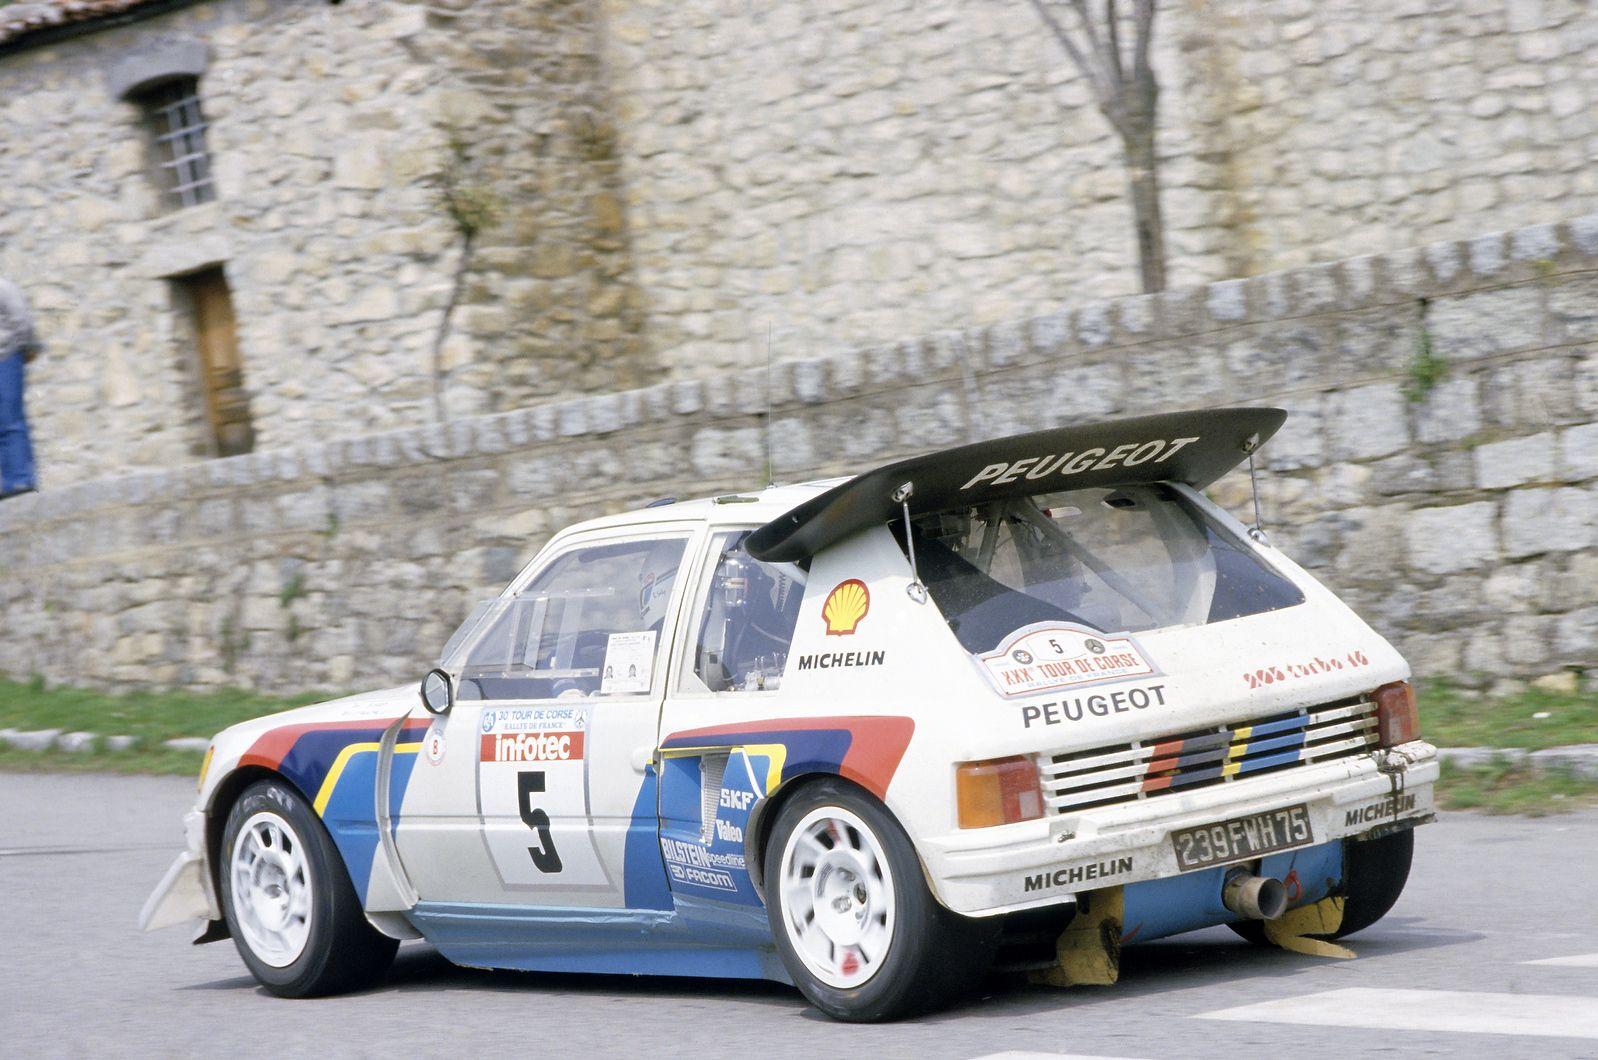 peugeot 205 evo 2 t16 tour de corse 1986 automotive pinterest peugeot 205 peugeot et corse. Black Bedroom Furniture Sets. Home Design Ideas